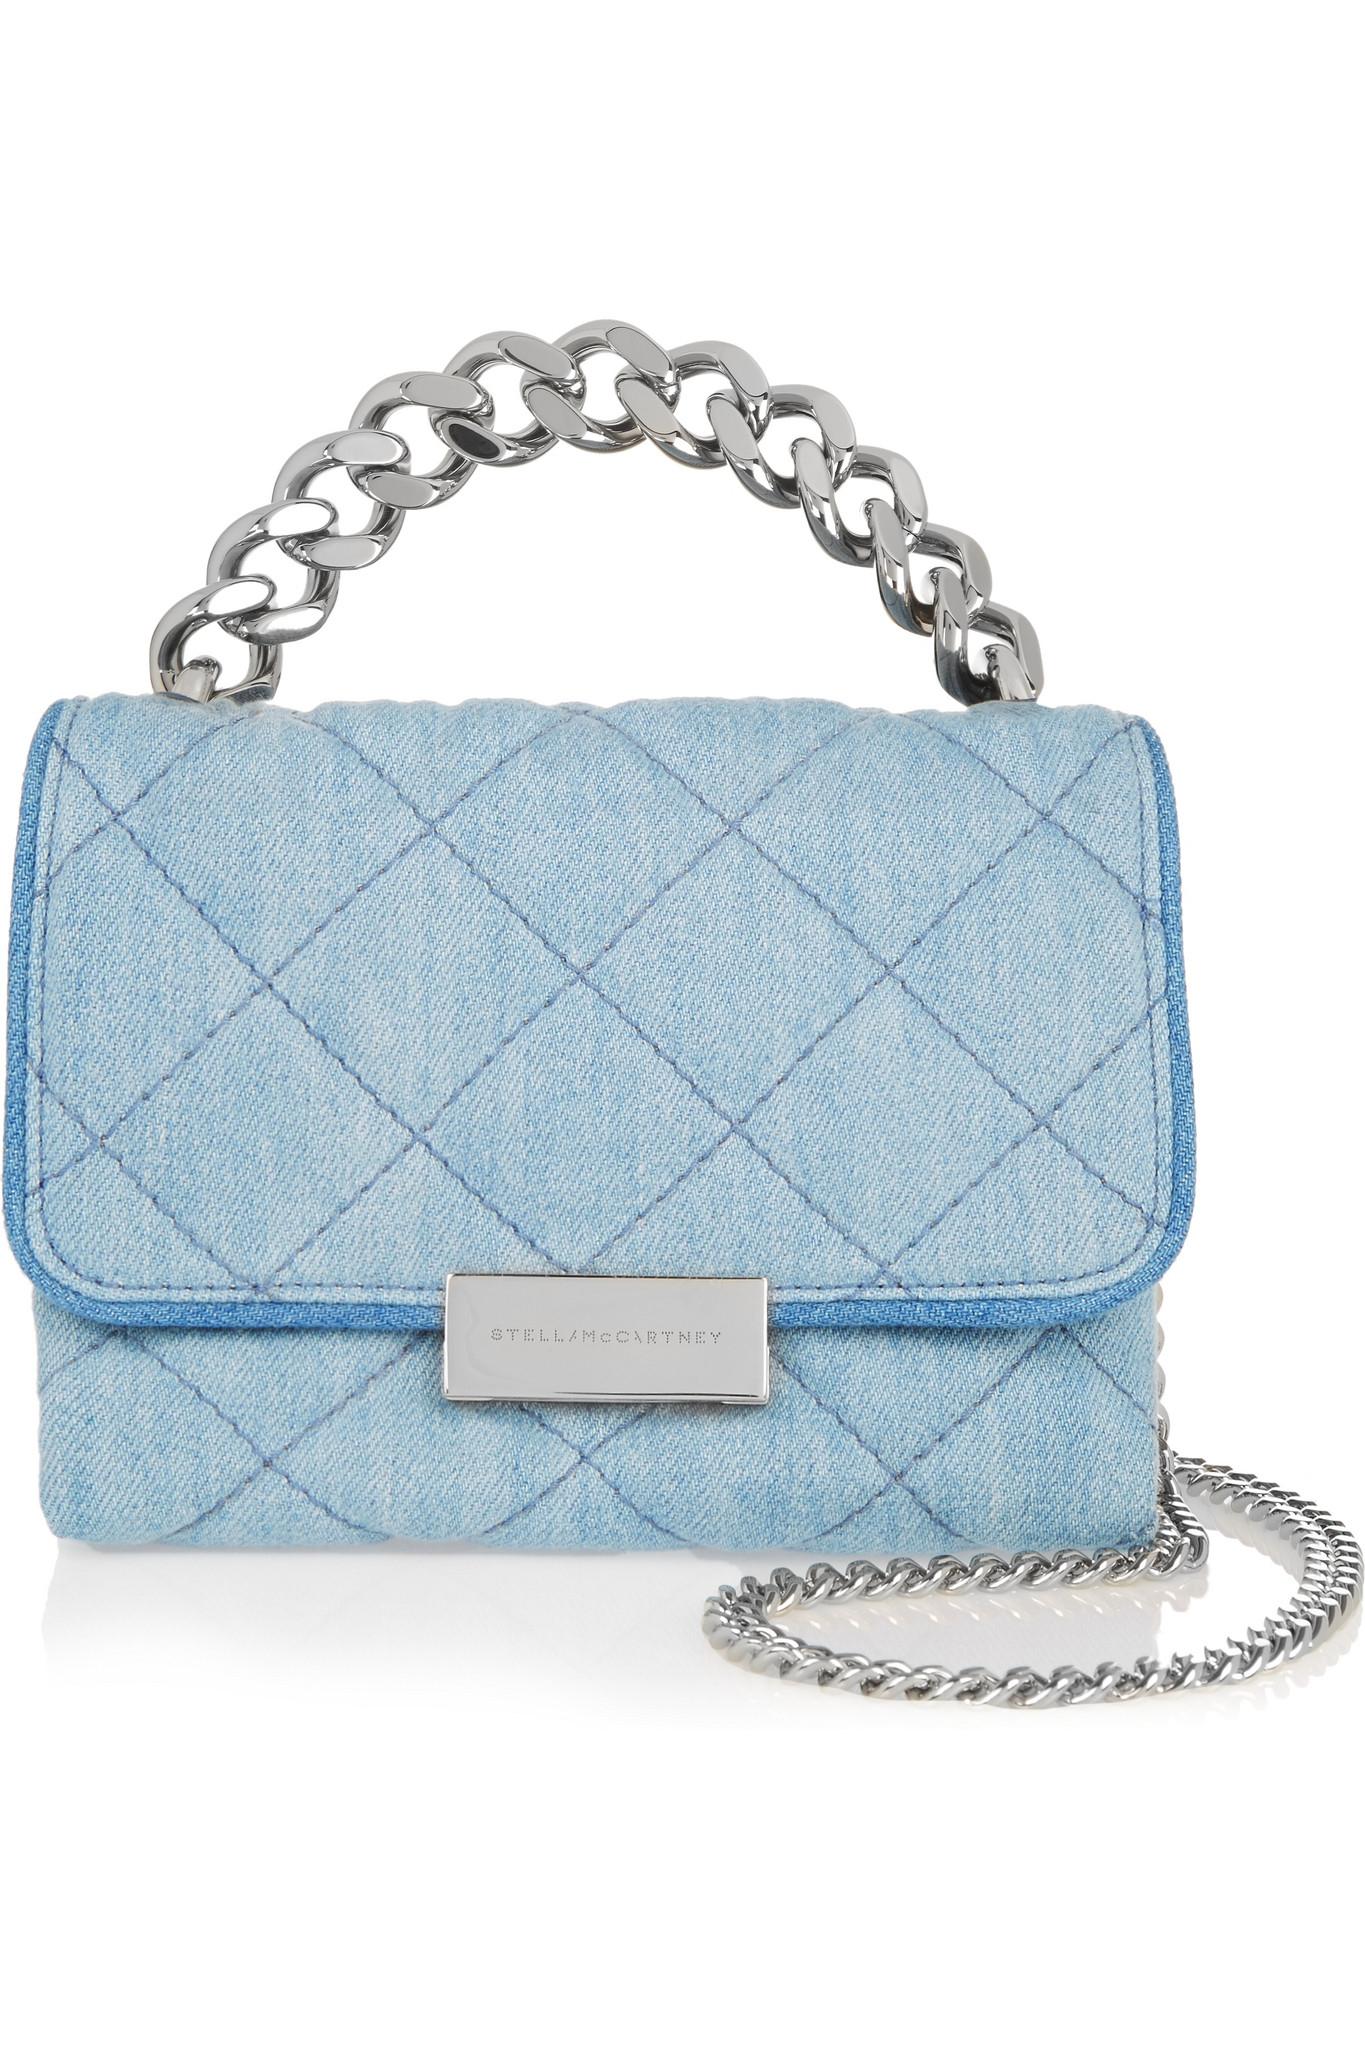 stella mccartney becket small shoulder bag in blue lyst. Black Bedroom Furniture Sets. Home Design Ideas